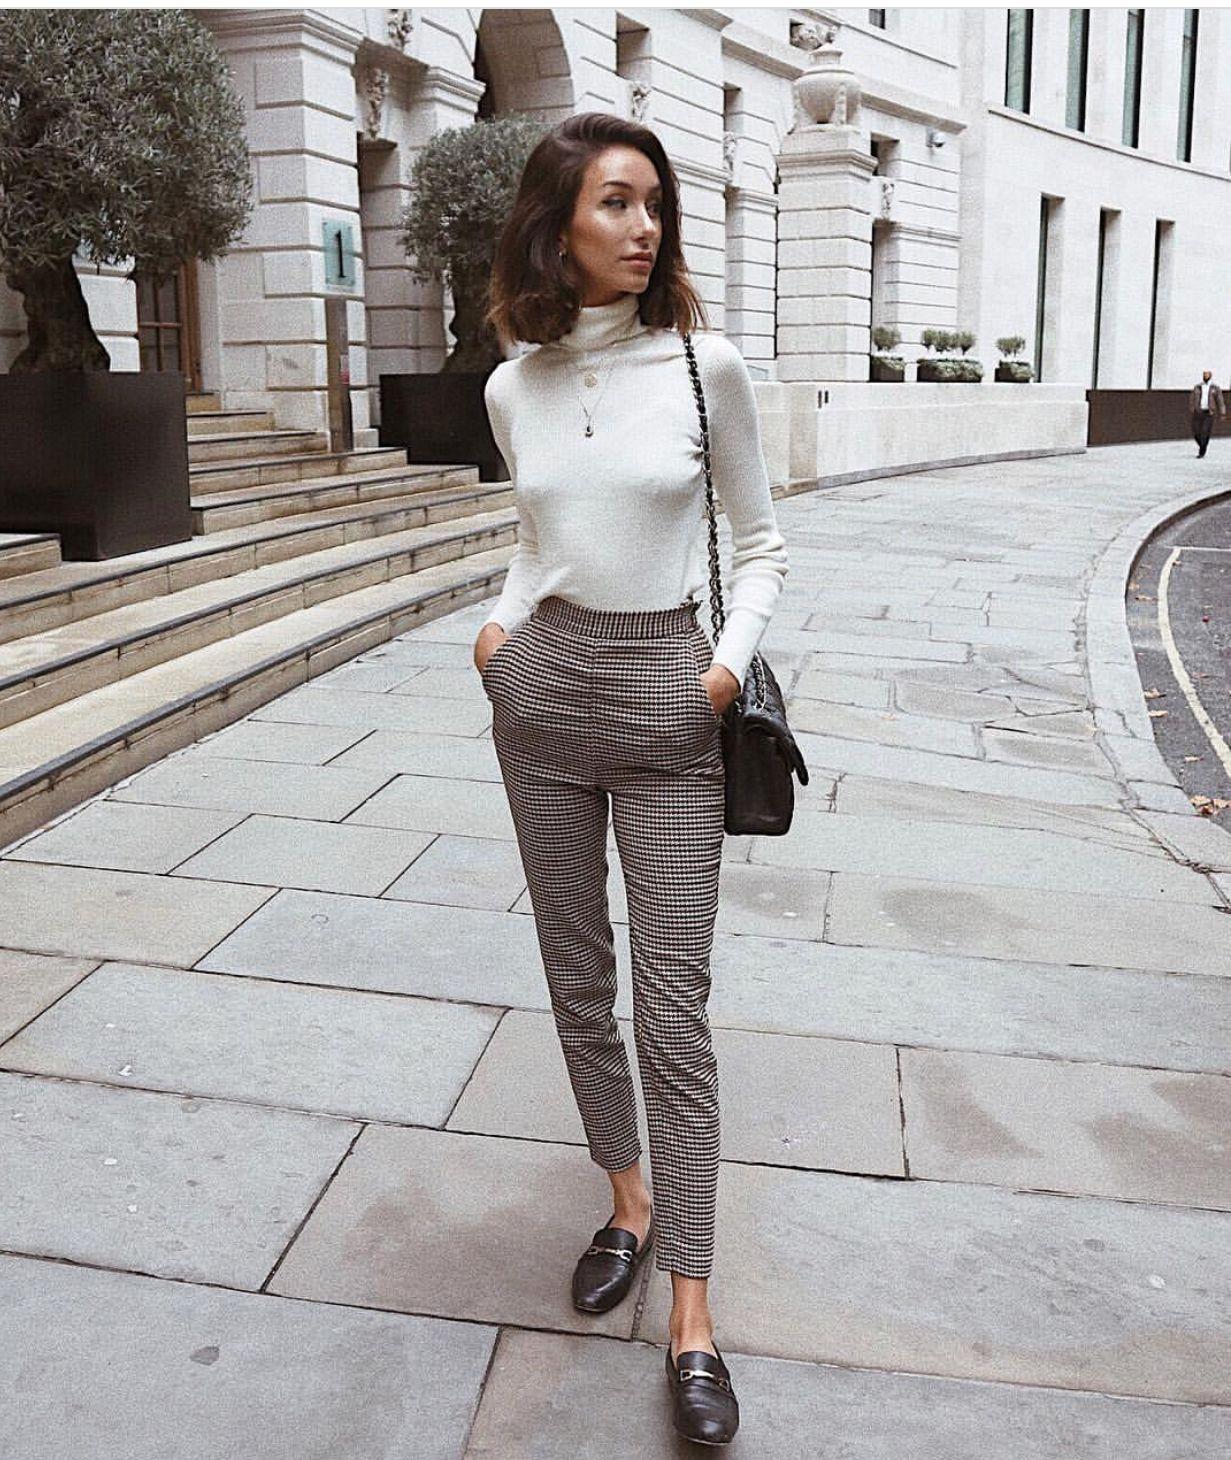 Pantalón cuadriculado, zapatos negros y blusa beige manga larga cuello alto #parisianstyle